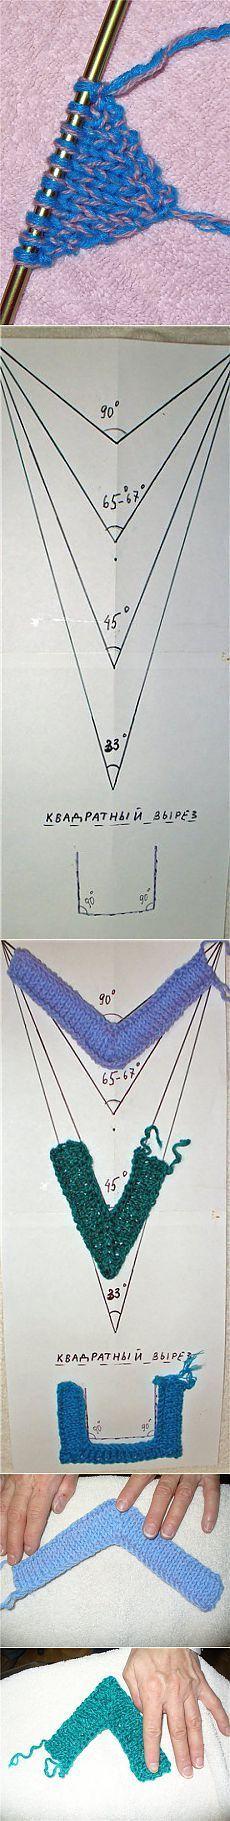 Выполнение различных углов спицами.